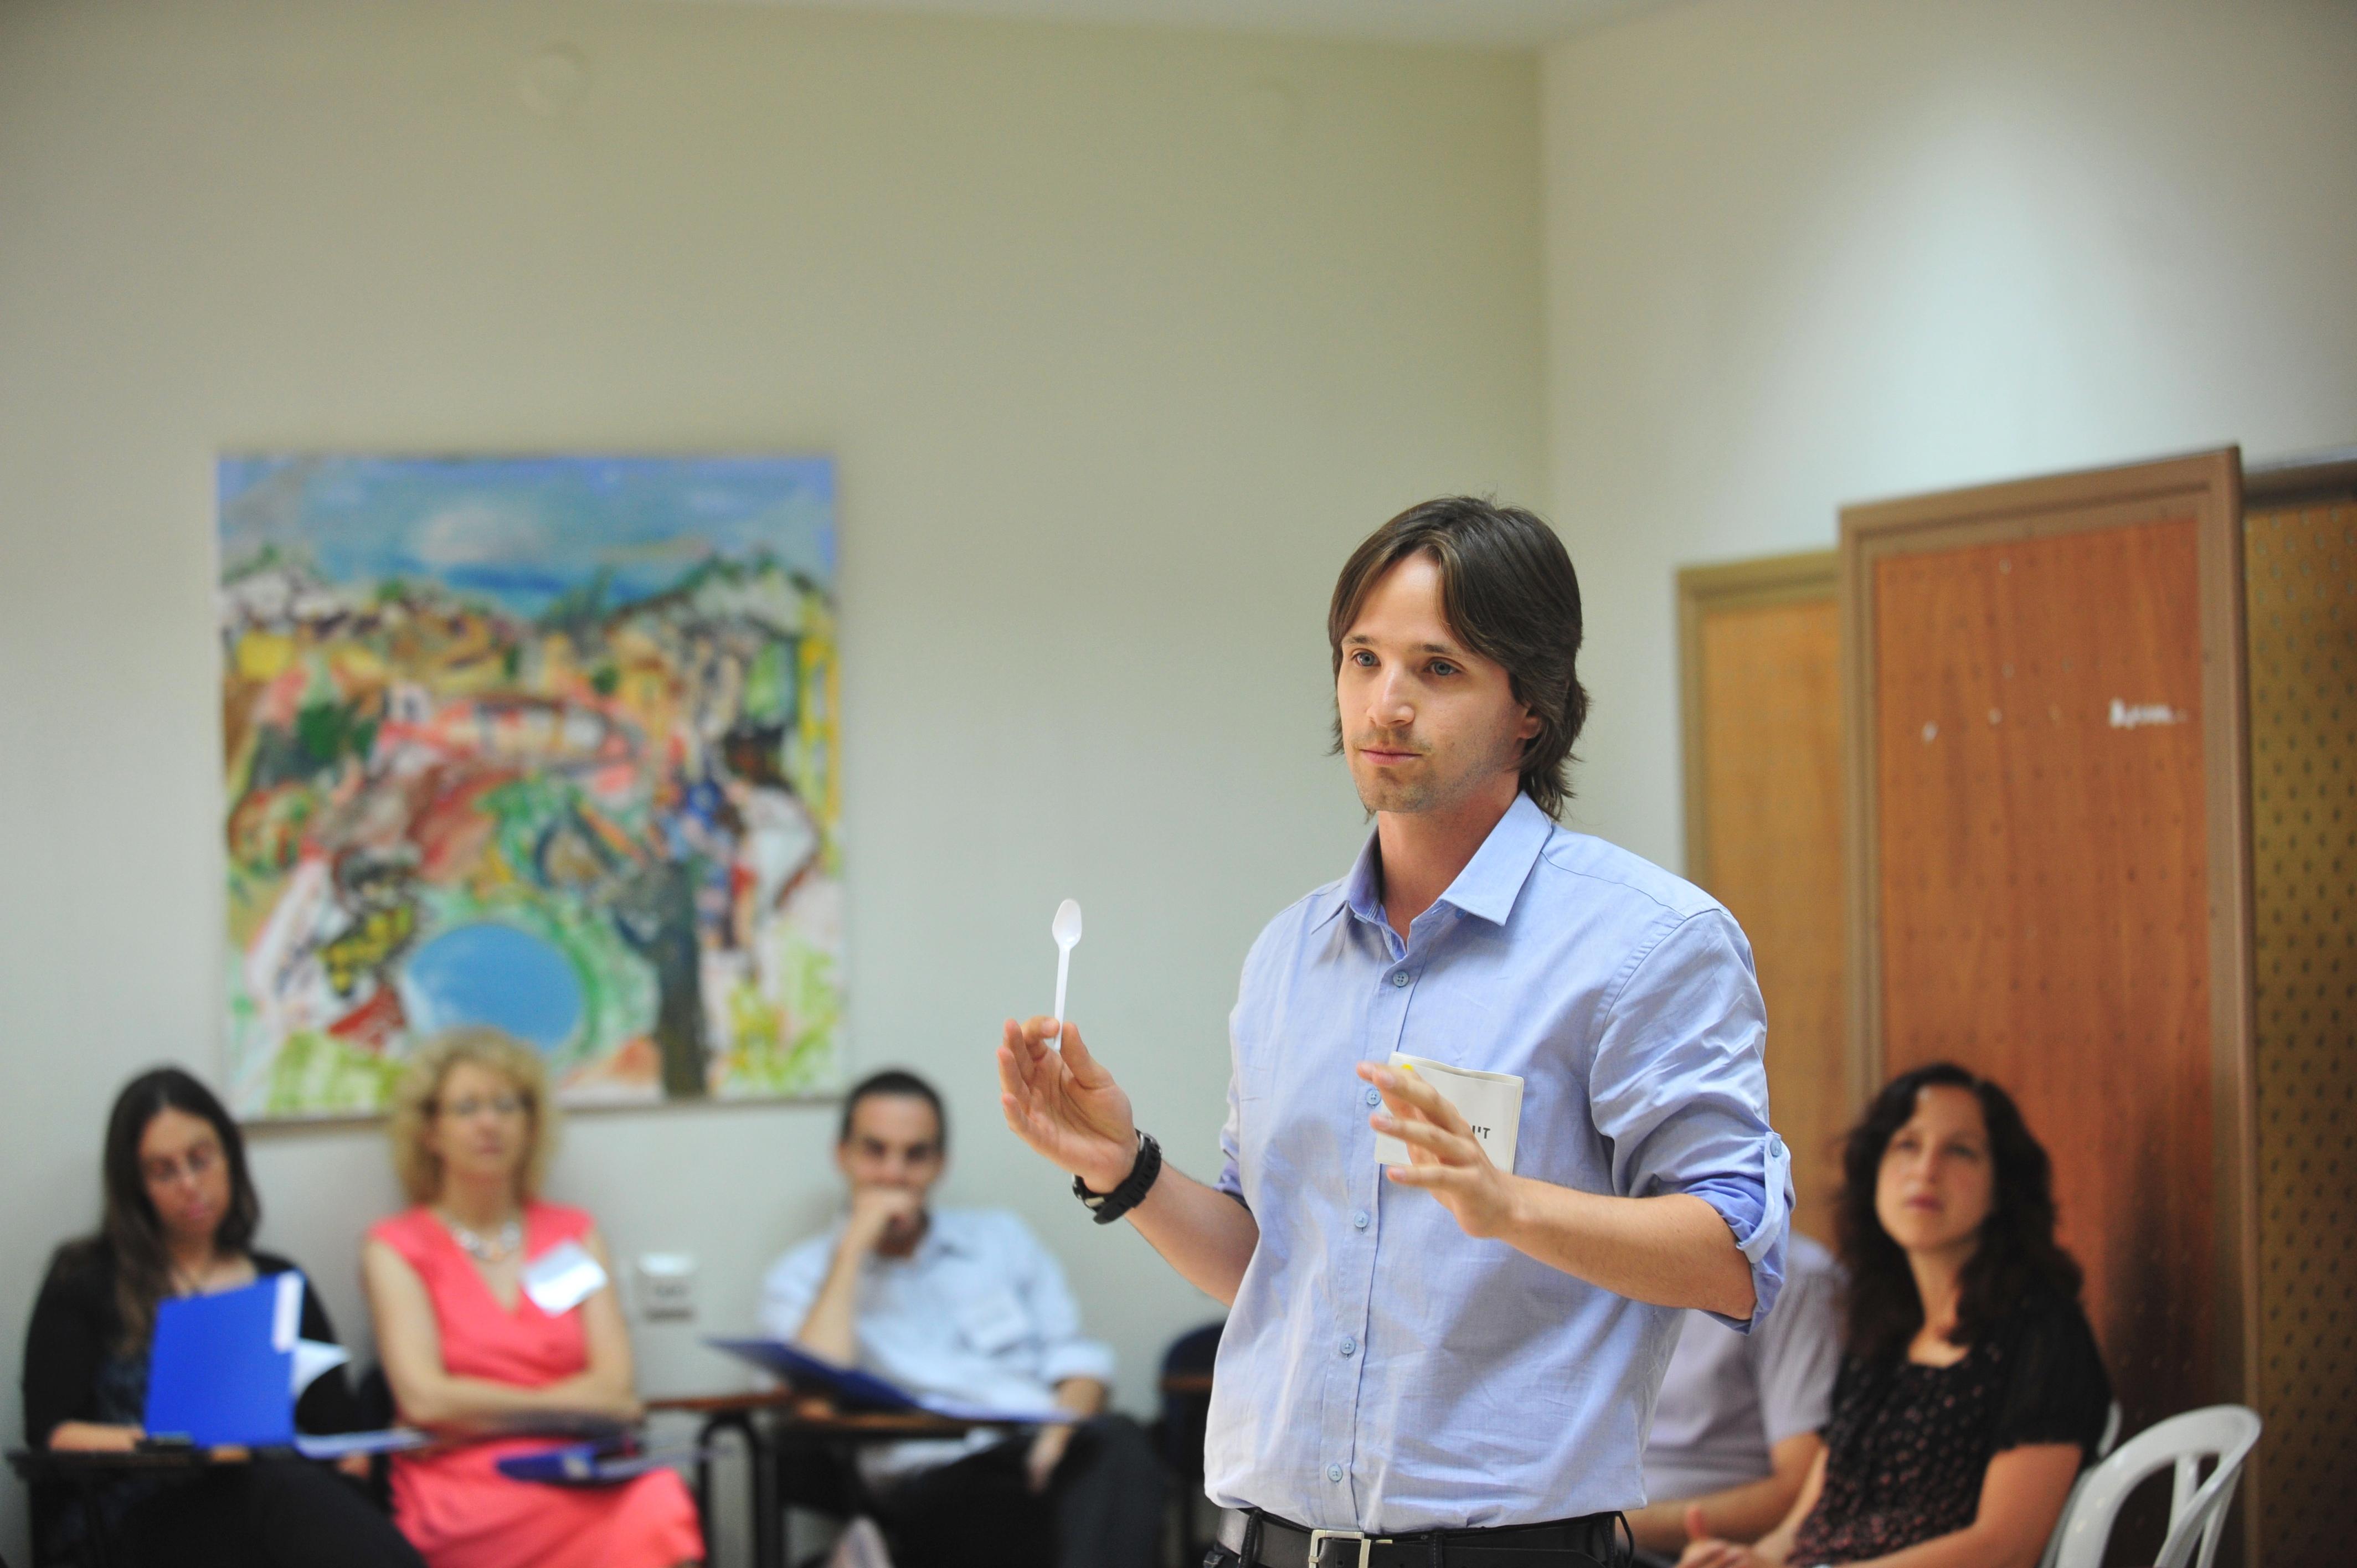 ZIV LAUTMAN, CLASS OF 2012-2013